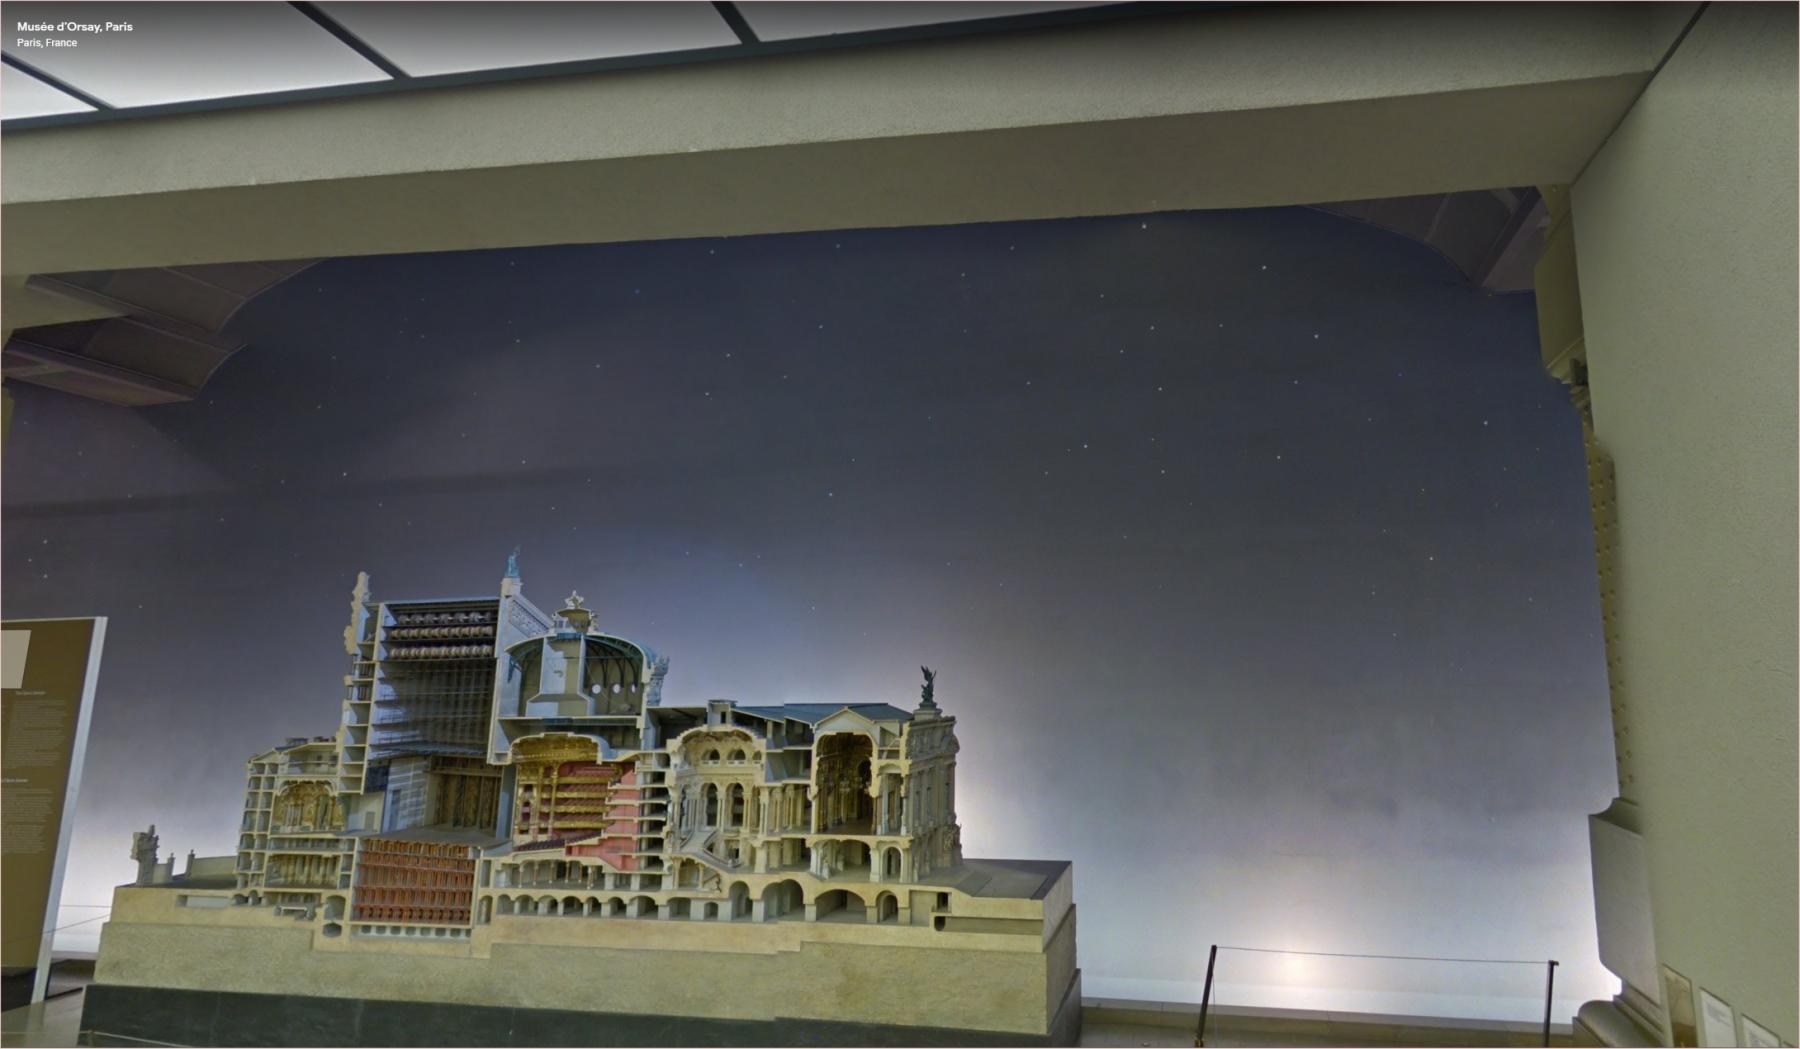 Ciel nocturne étoilé, derrière la maquette du Palais Garnier